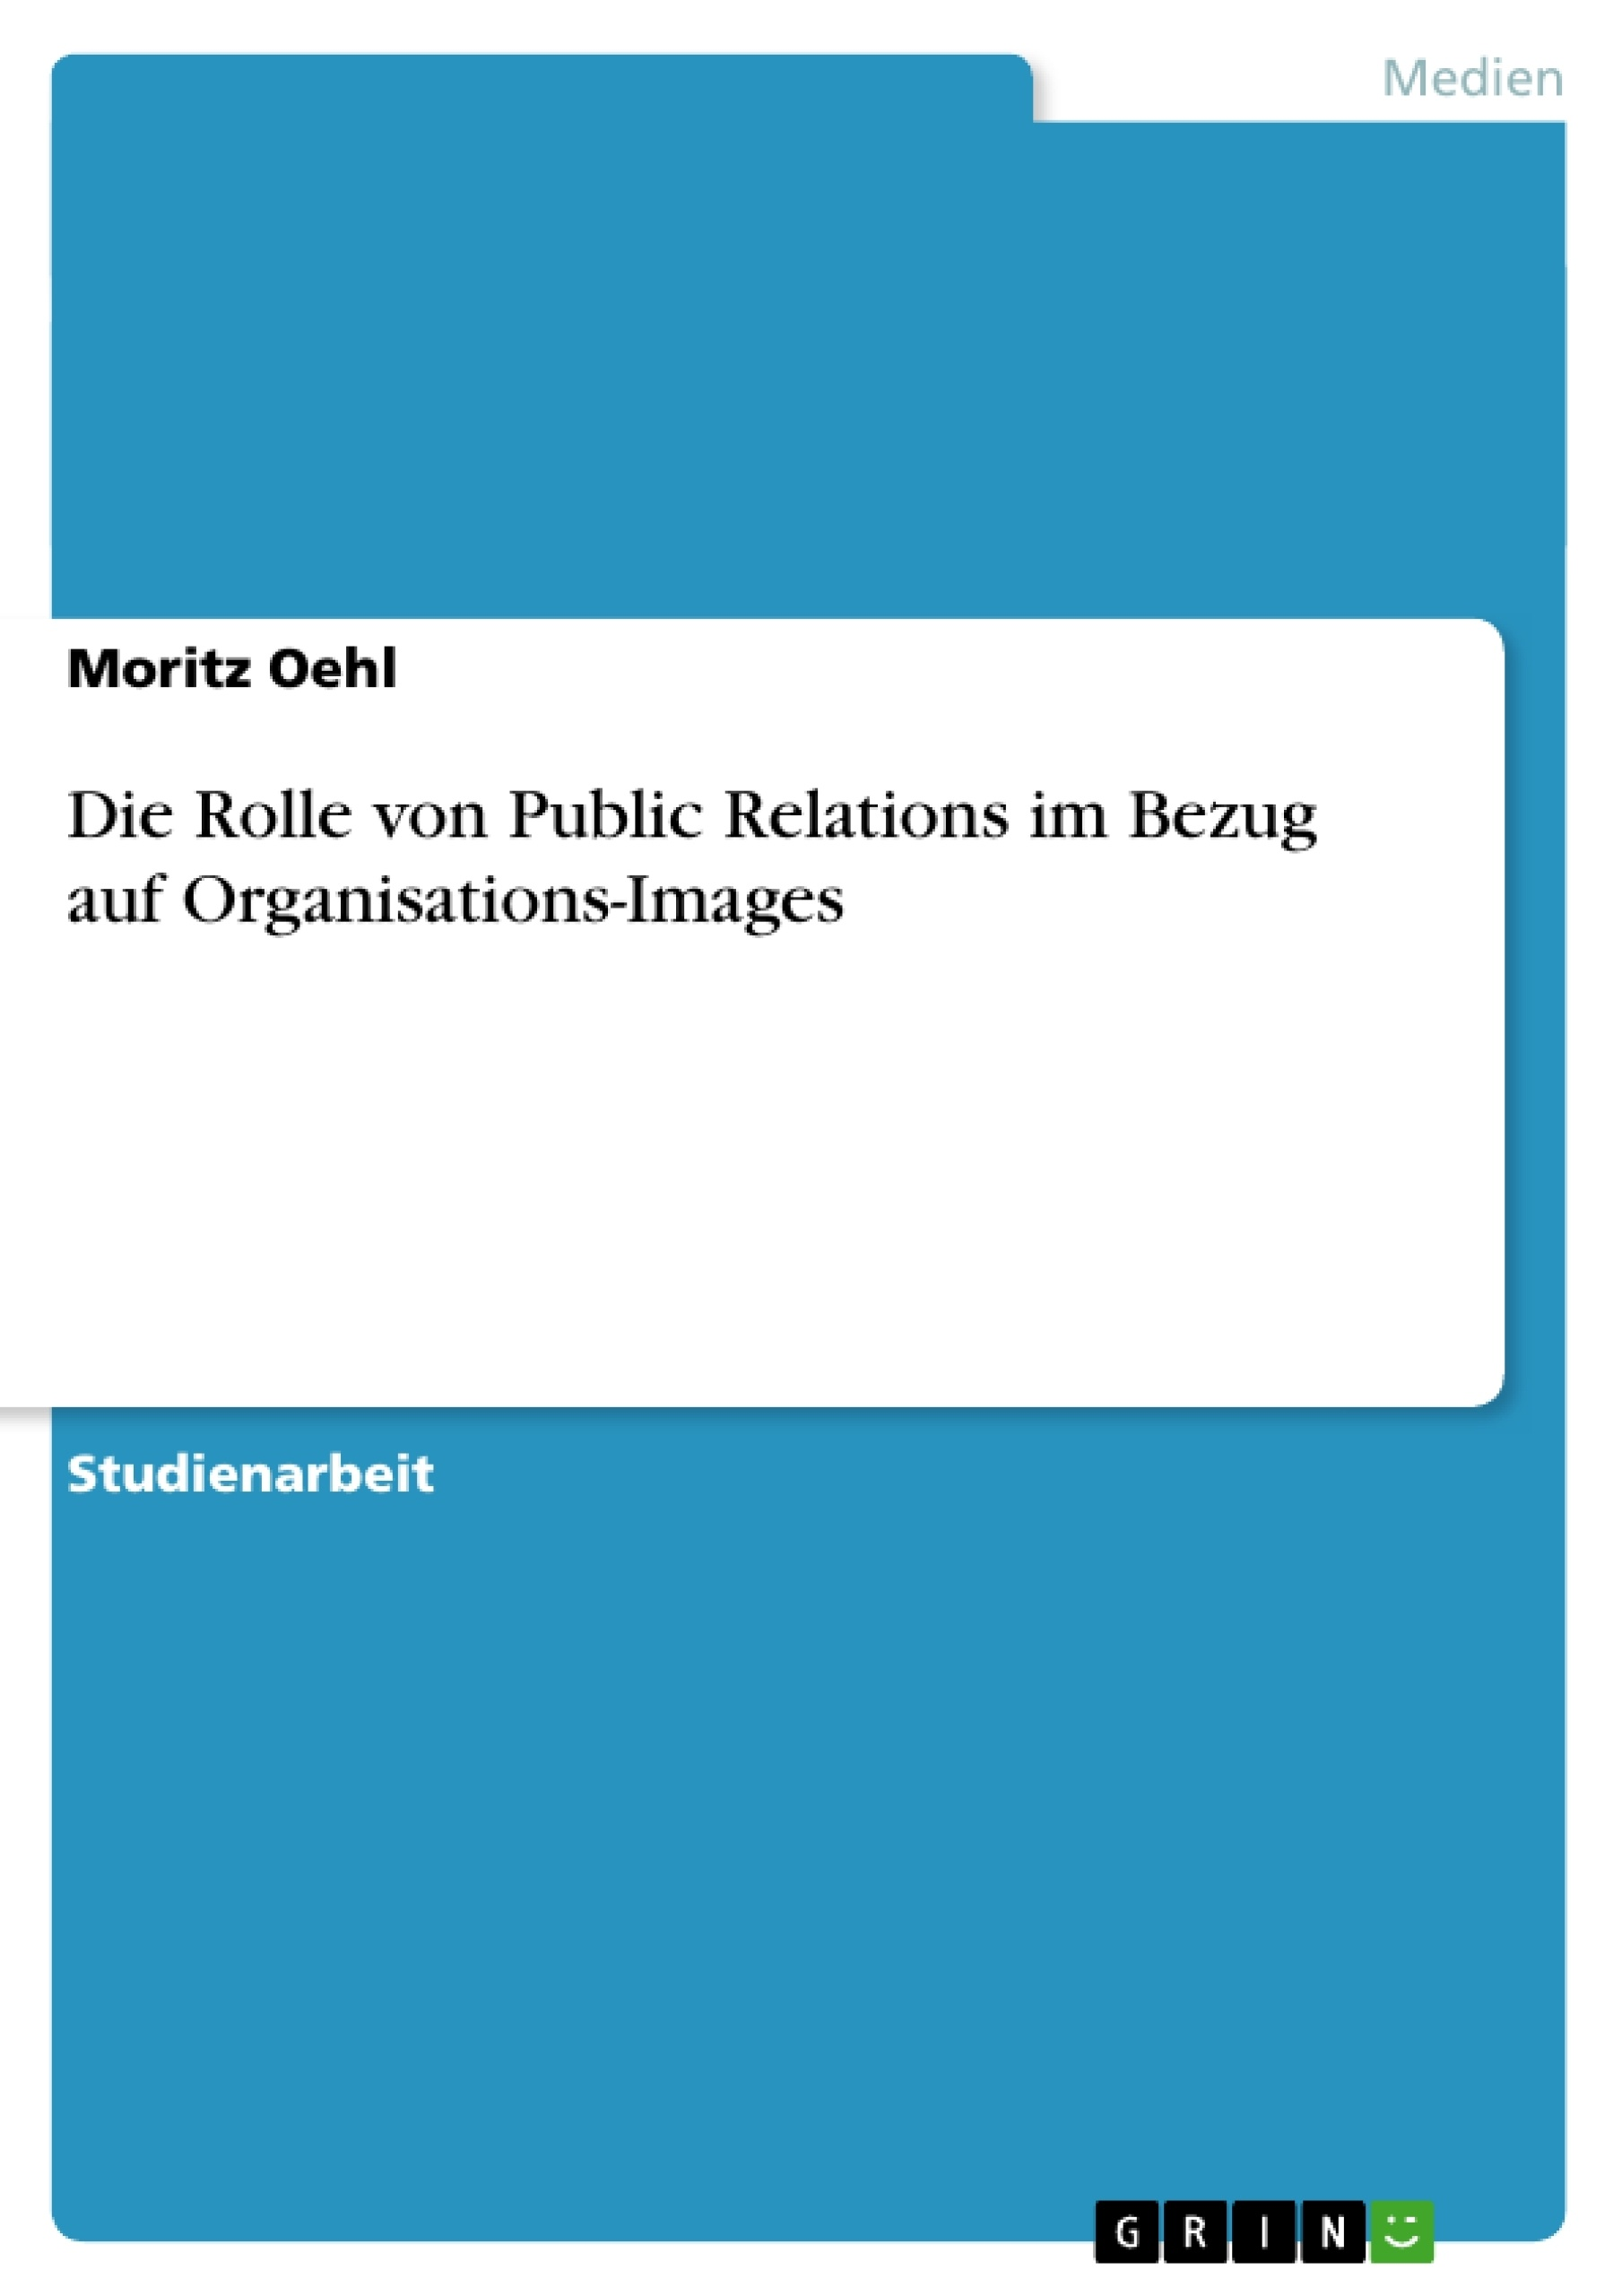 Titel: Die Rolle von Public Relations im Bezug auf Organisations-Images